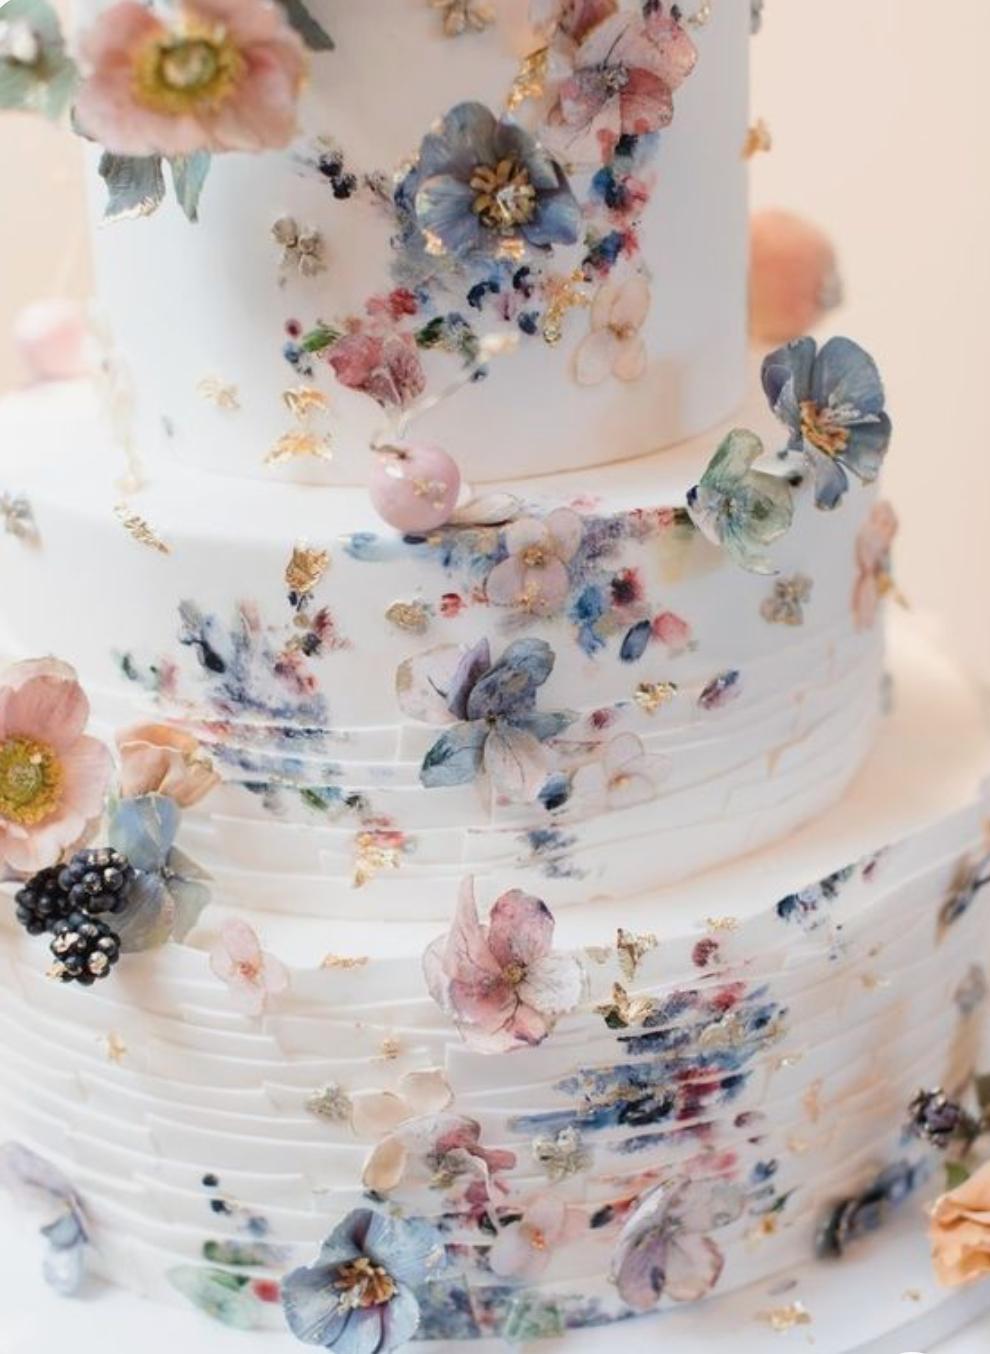 Svatba DustyRose a DustyBlue - Můj vysněný svatební dort!